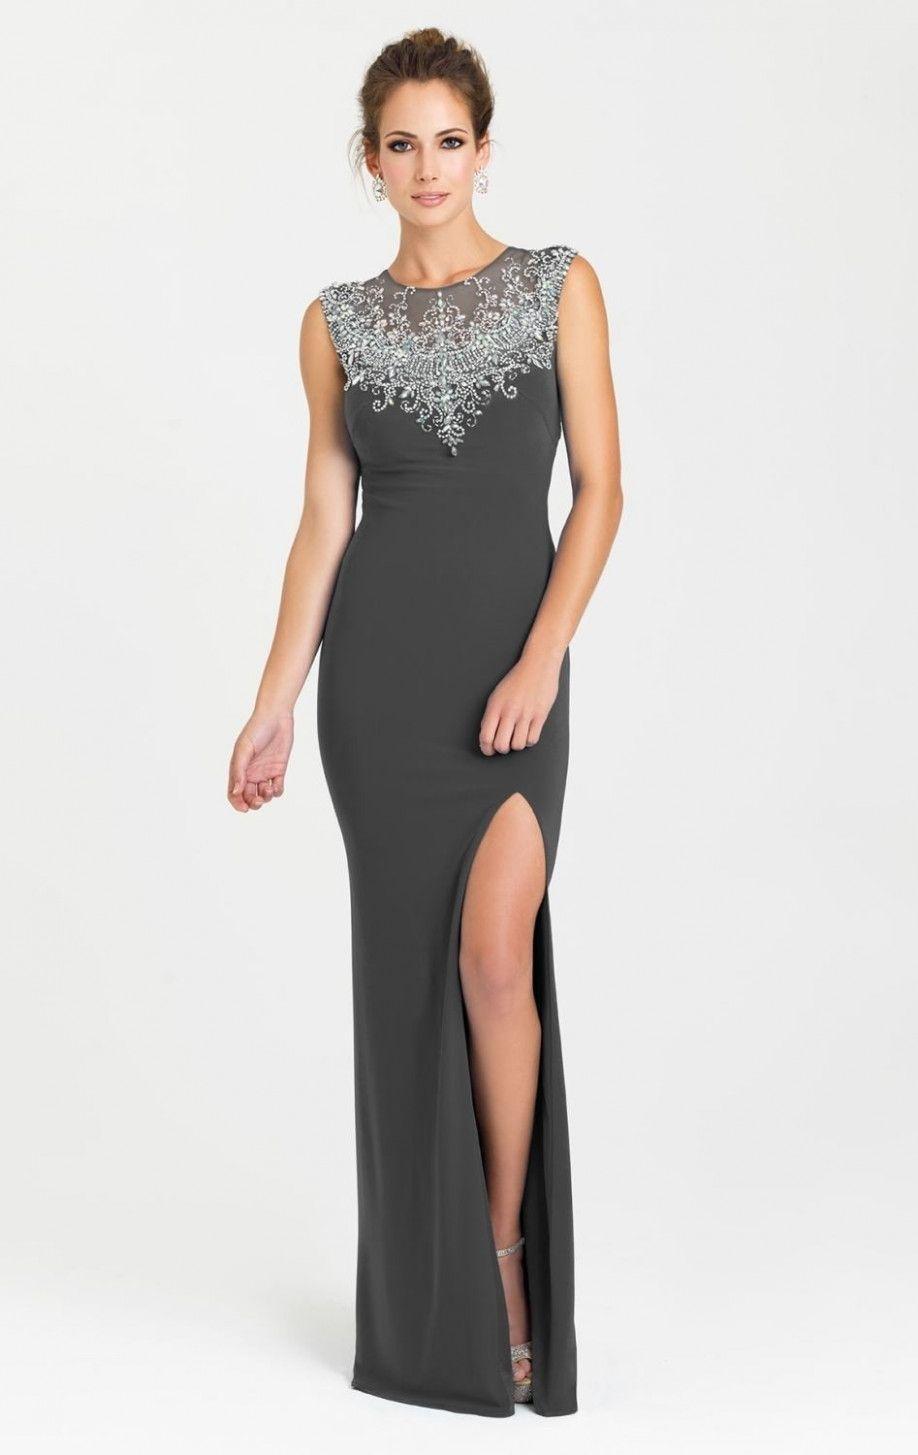 16 Abendkleider Online Kaufen in 16  Abendkleid, Abendkleider